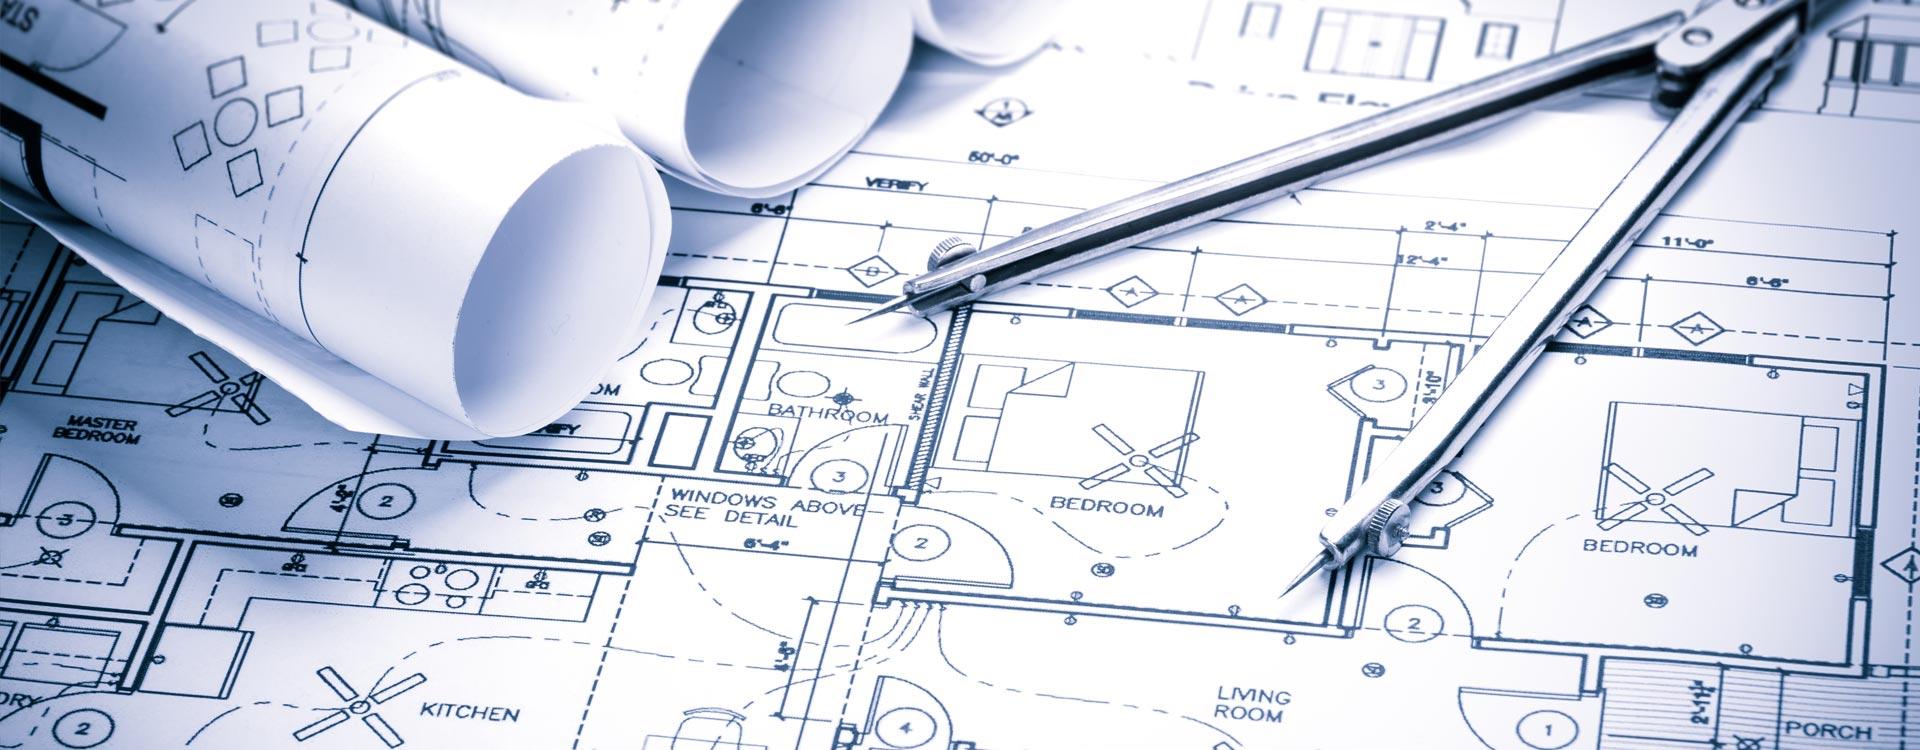 Jonathan A DeLise Construction - Philadelphia Home Renovation